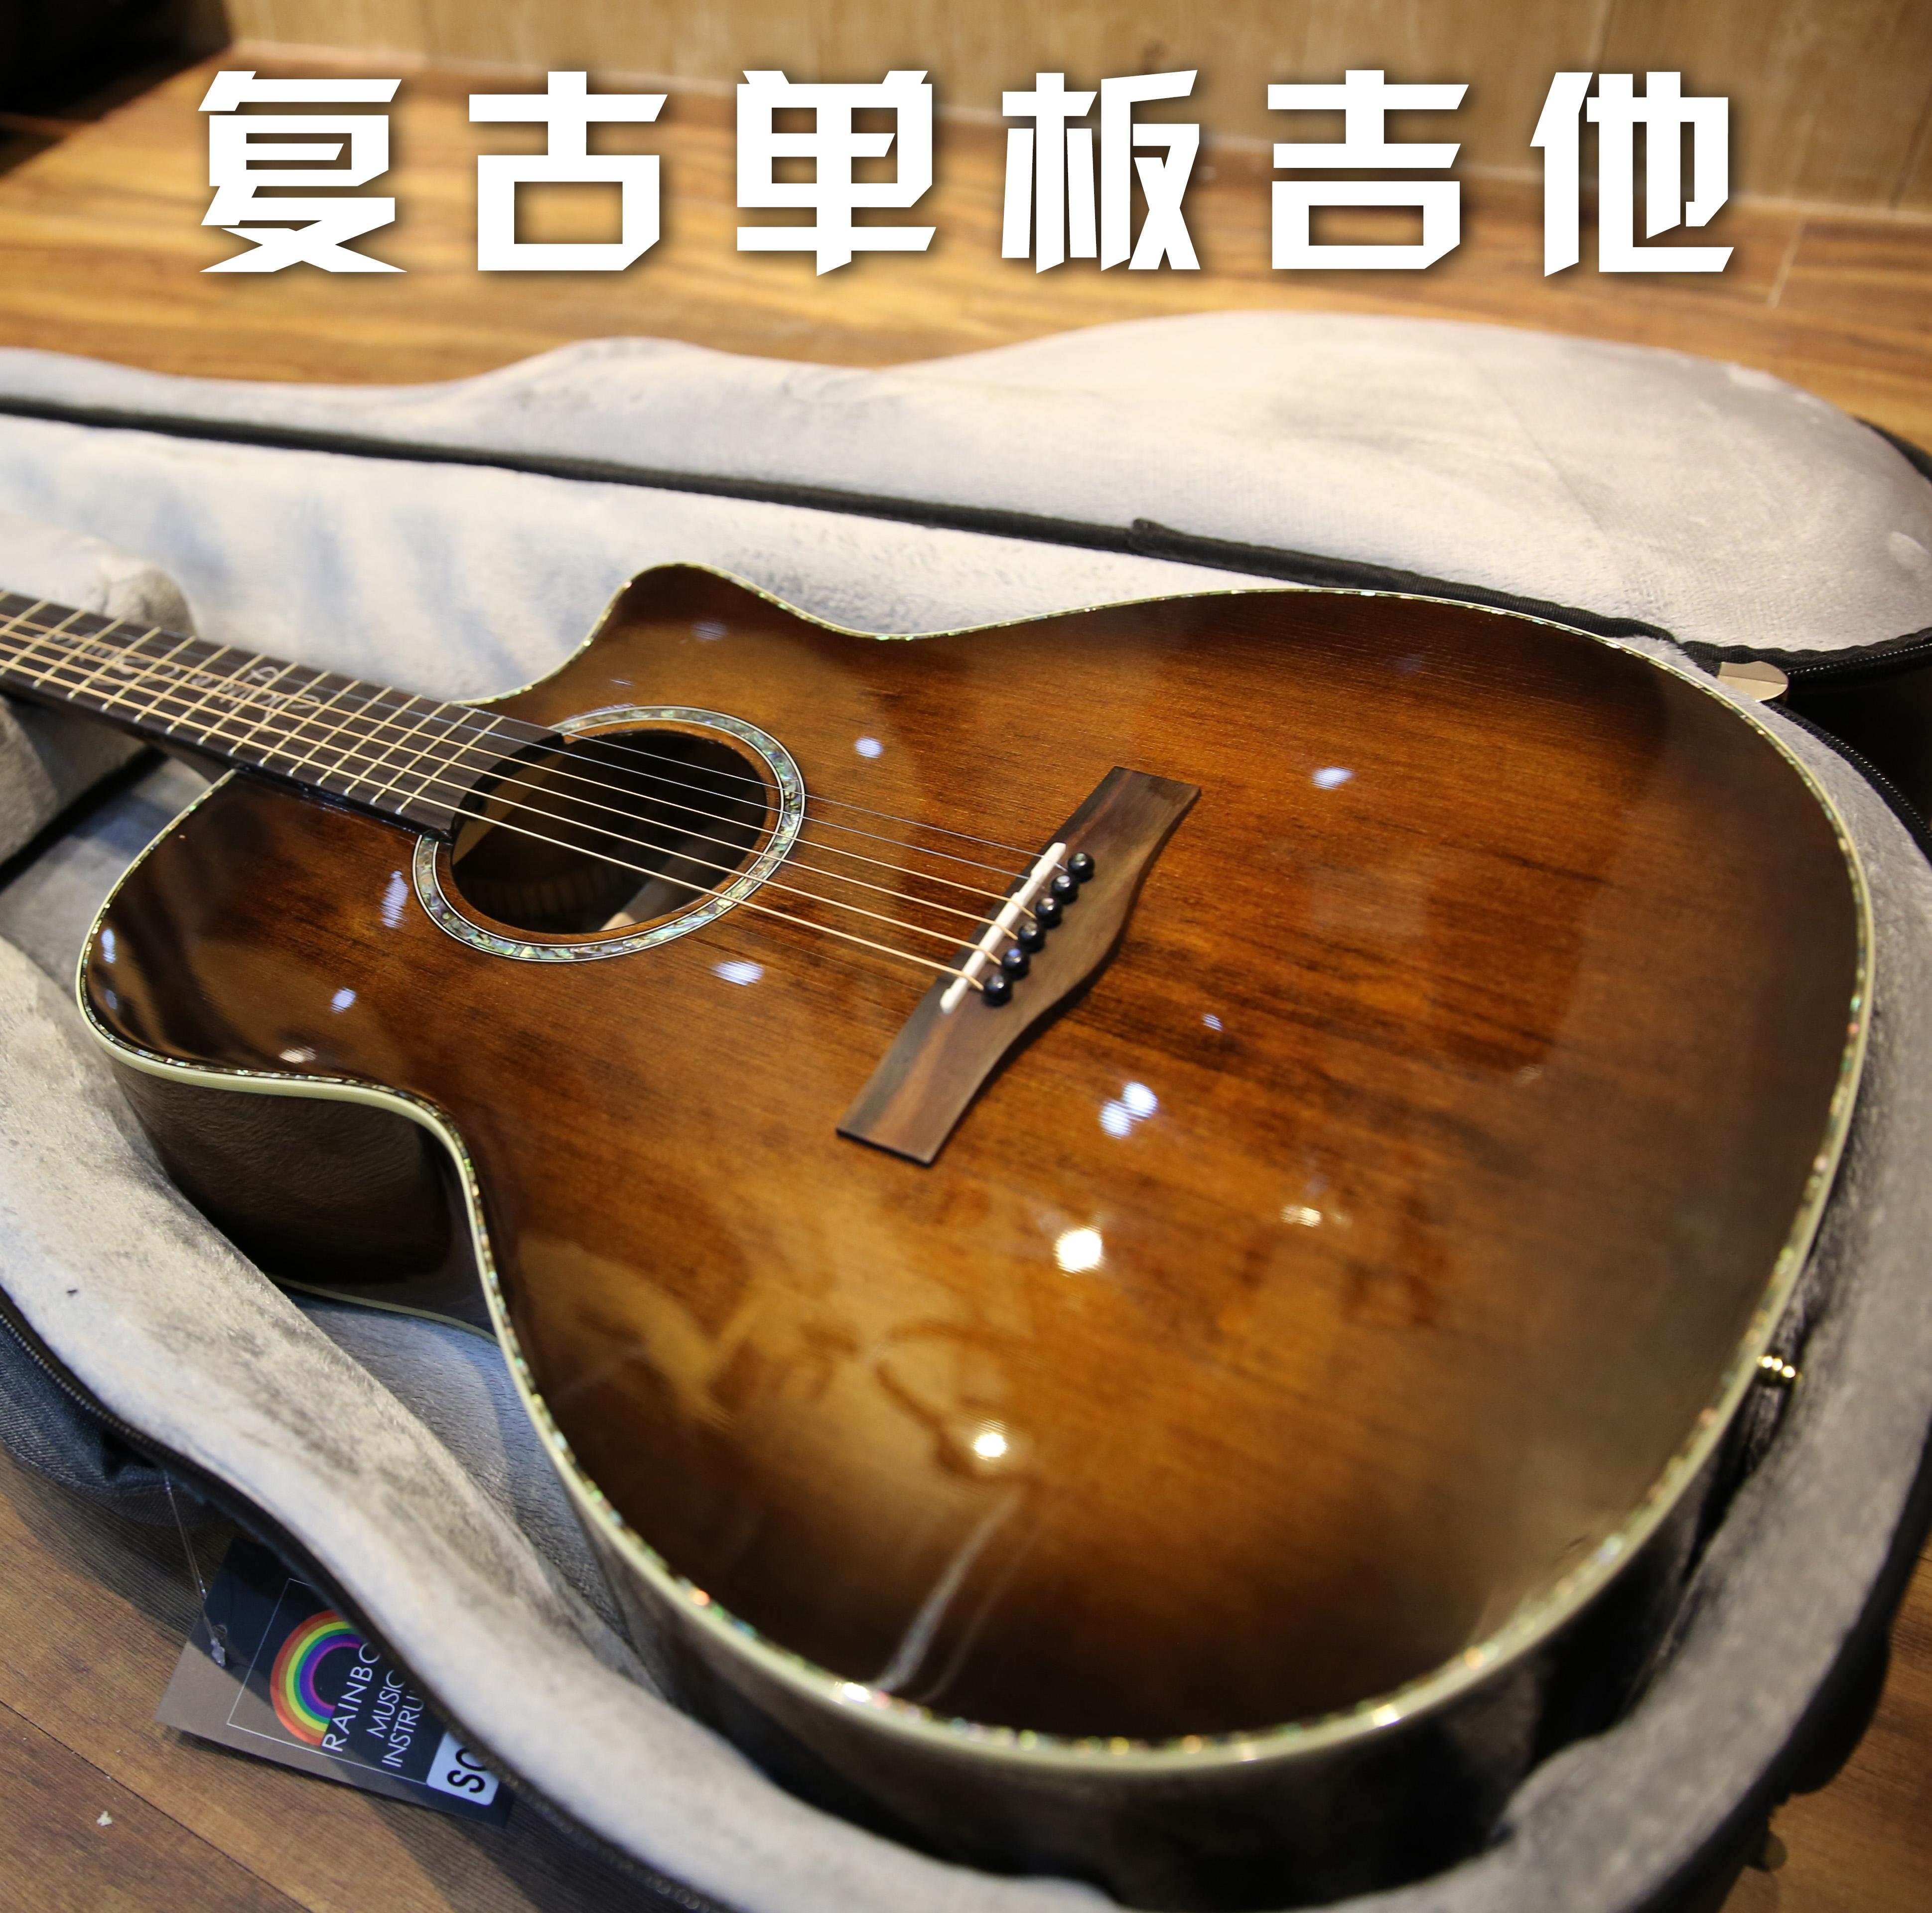 ジェスJAYCE本物のギターN 50シングルの復古ギターのアコースティックボックスギターギターギター